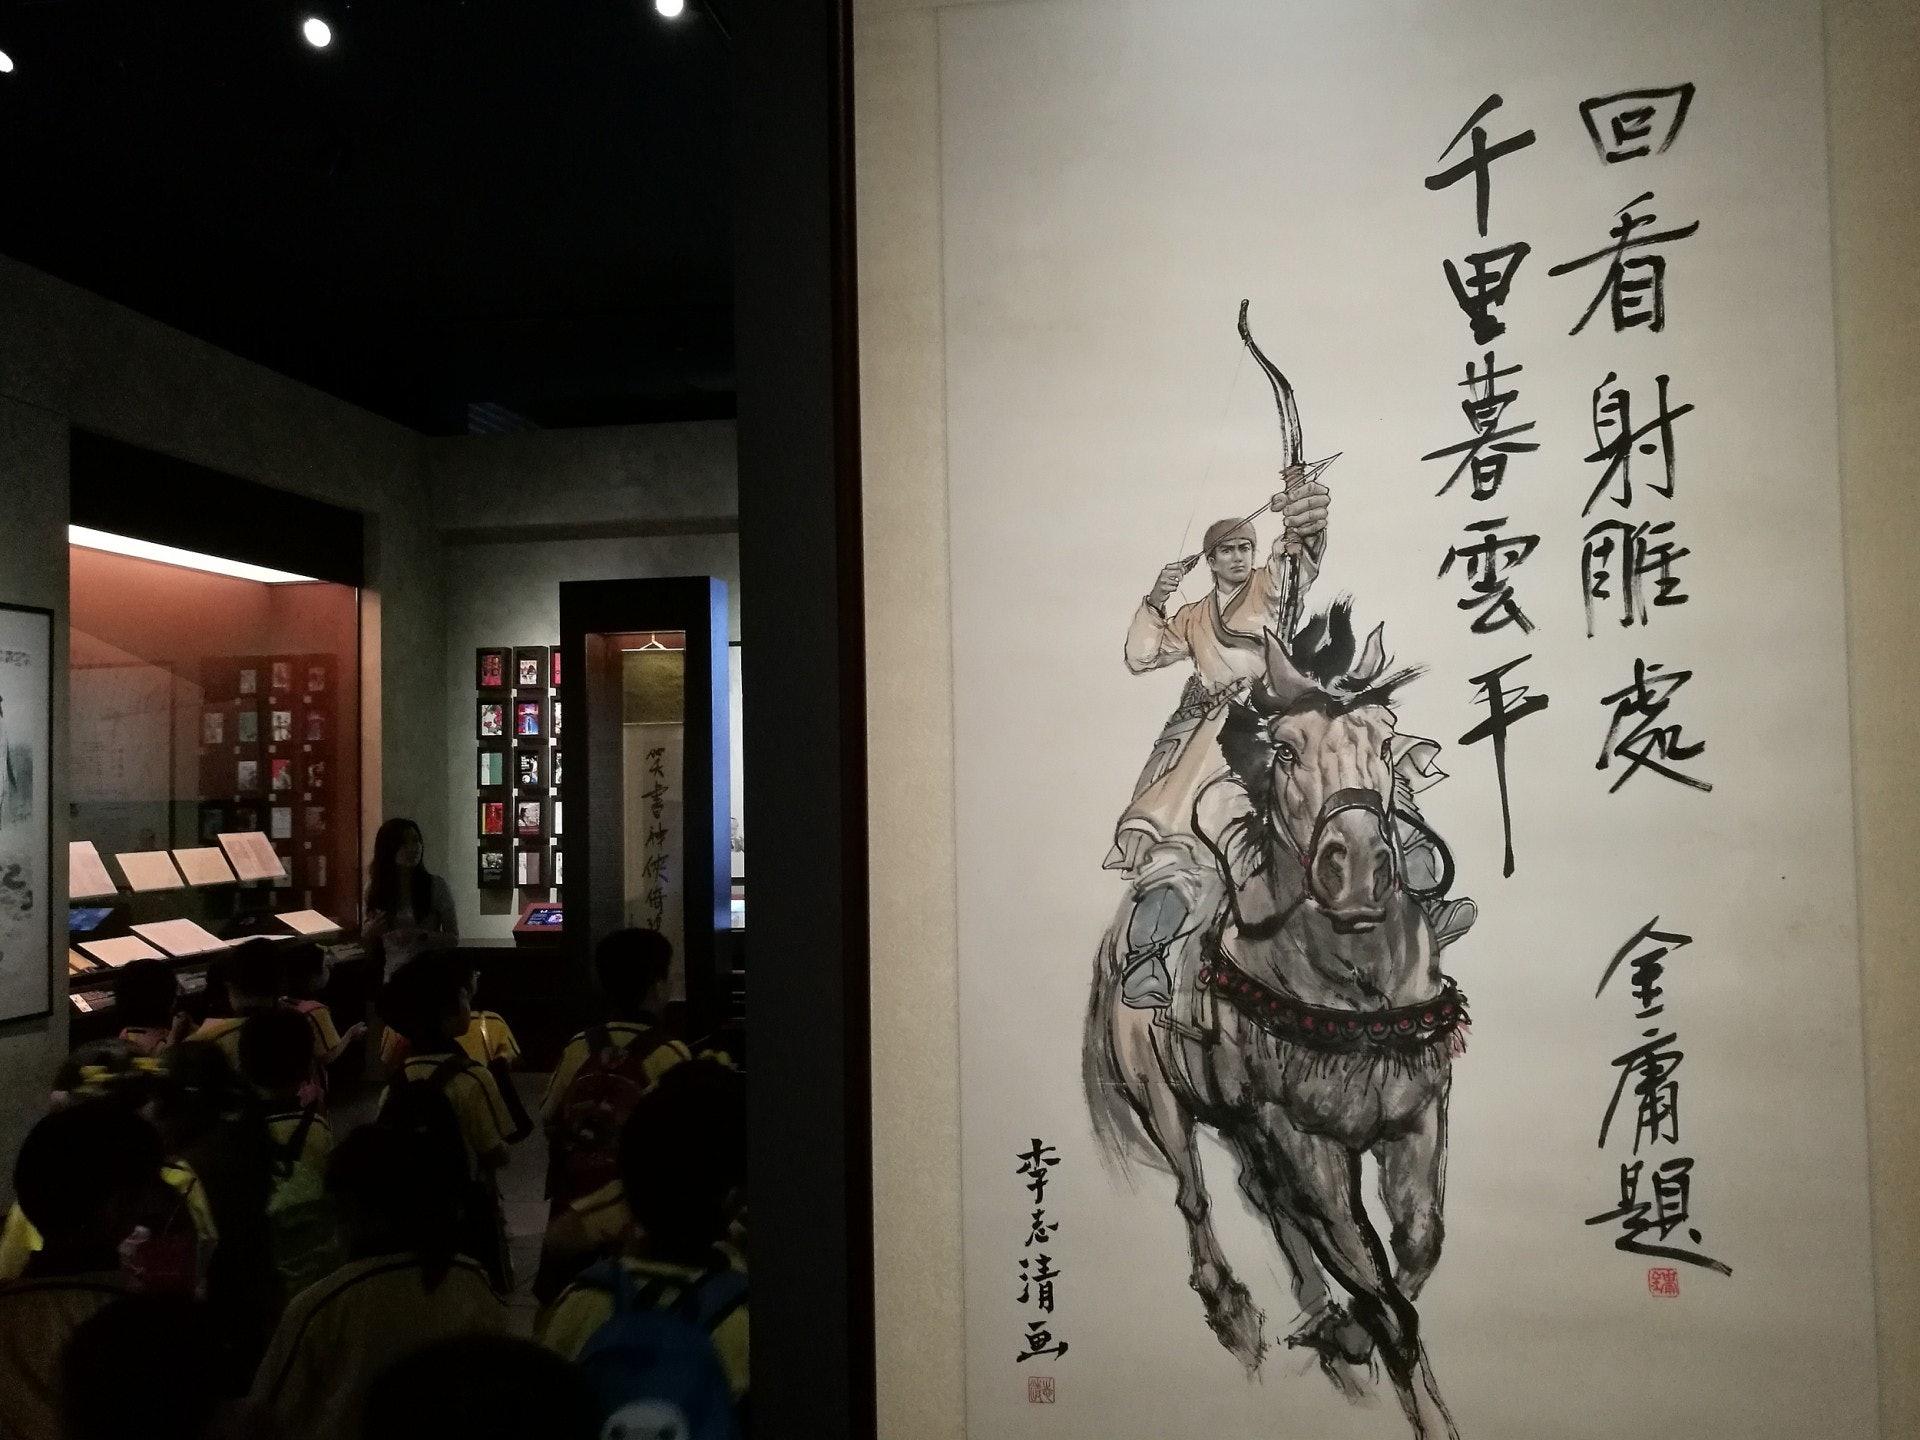 香港漫畫家李志清繪下不少金庸小說人物的水墨畫,這幅《射鵰》為題的策馬圖氣勢萬千。(VCG)